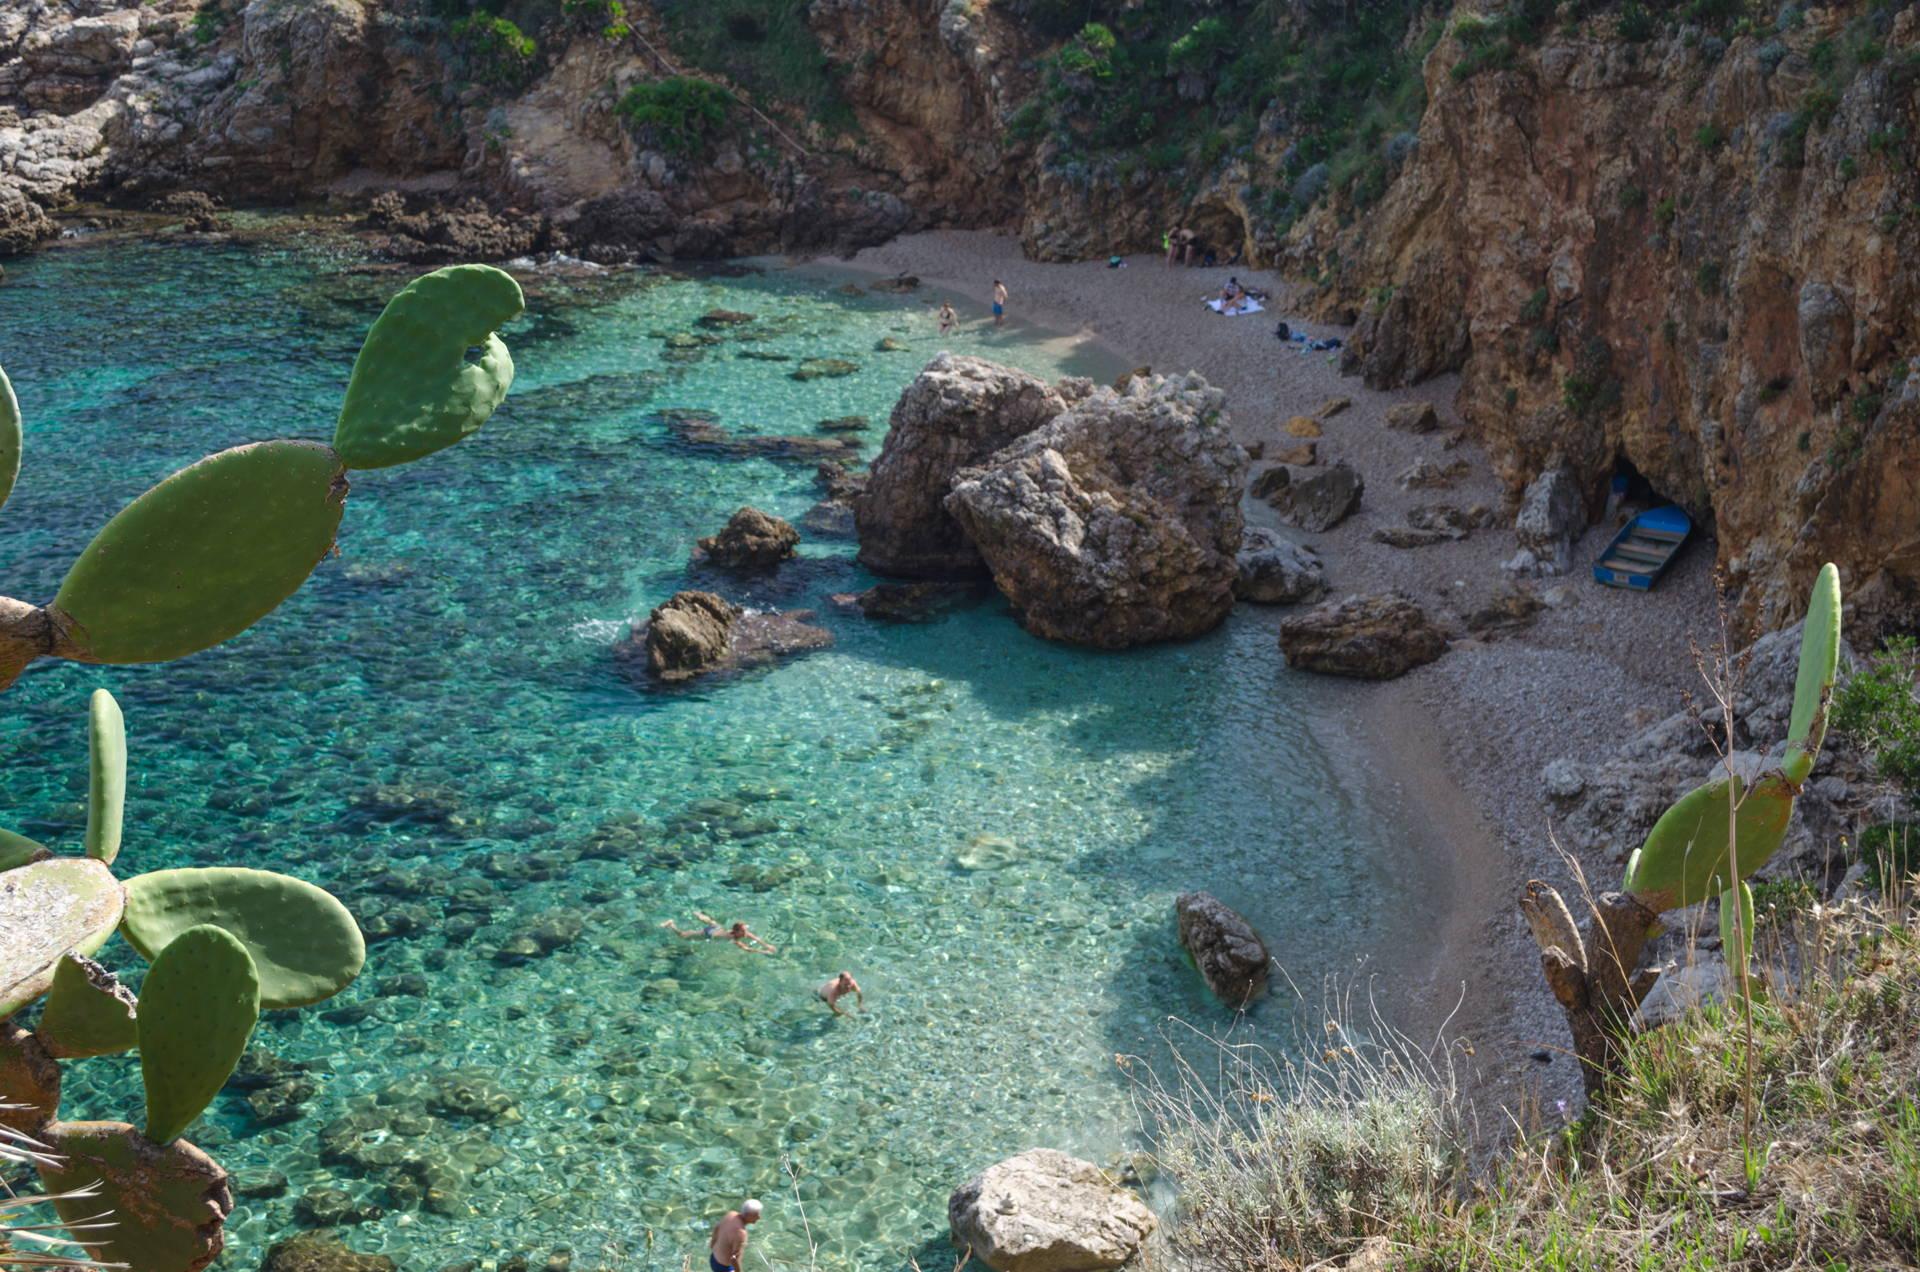 cala disa, disa, disa beach, bay disa, zingaro beach, zingaro nature reserve beaches, best beach of zingaro, zingaro travel guide, where to stay at zingaro,